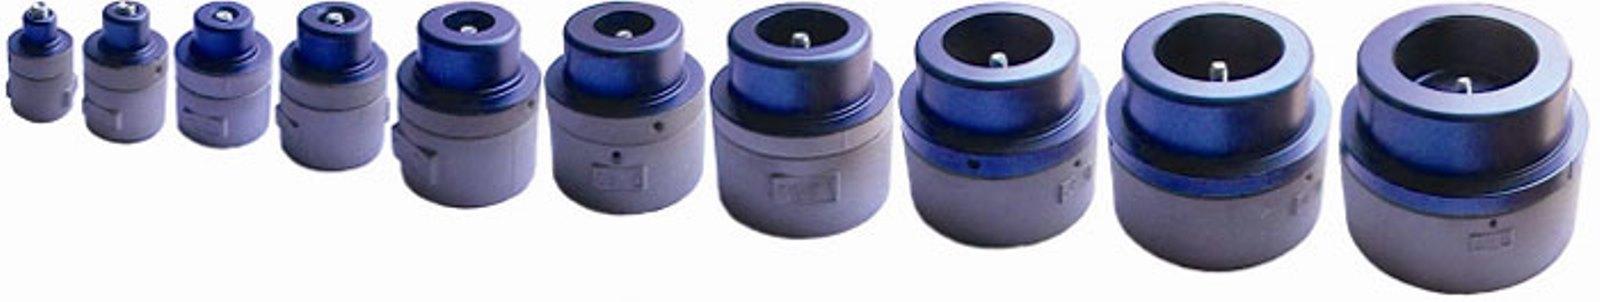 Насадка для аппарата для сварки труб, 16 мм. Dytron 2327